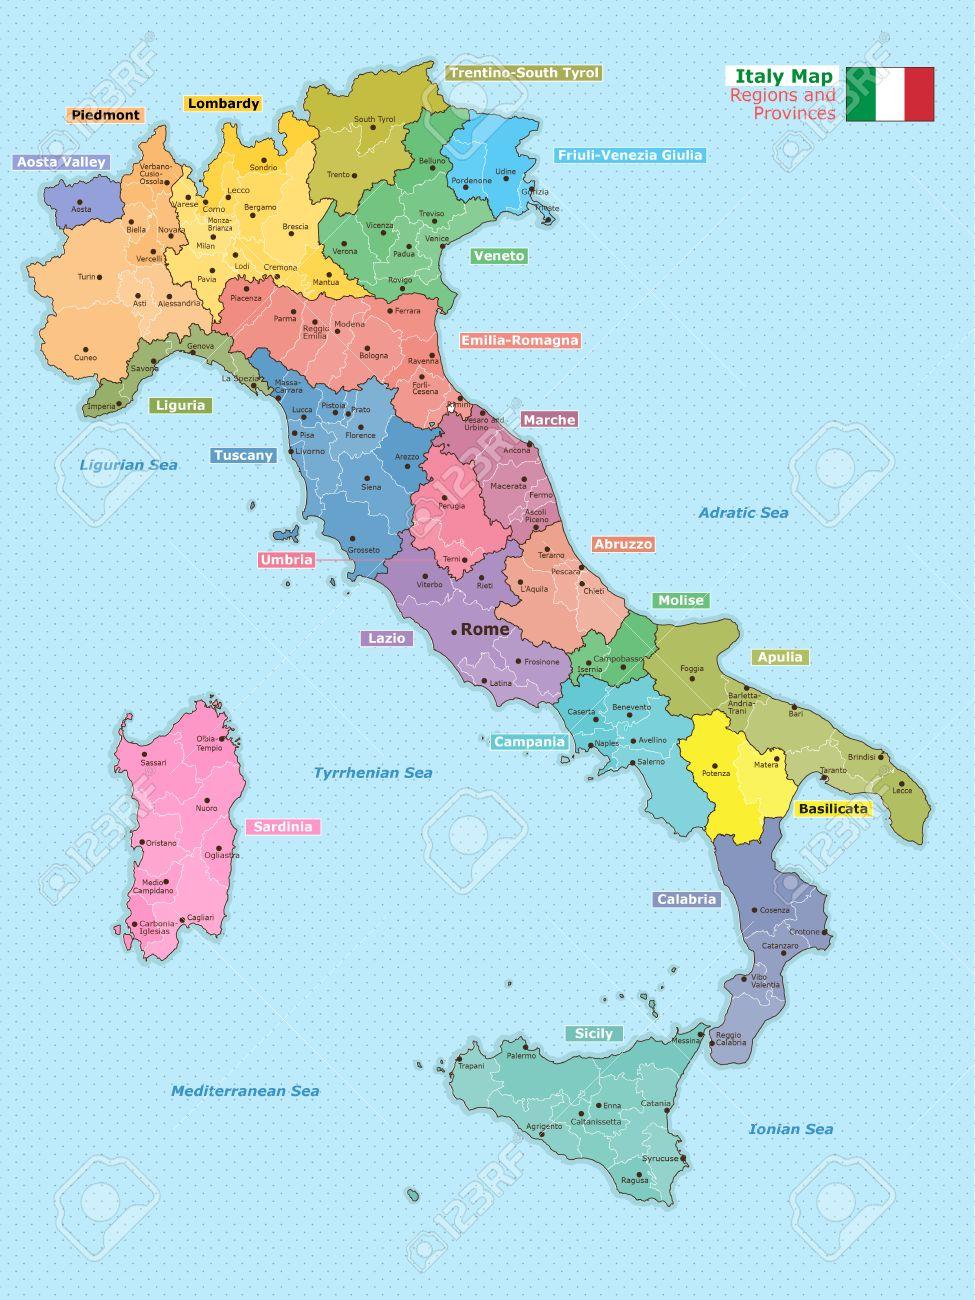 Carte Italie Regions.Carte De L Italie Avec Les Regions Et Les Provinces